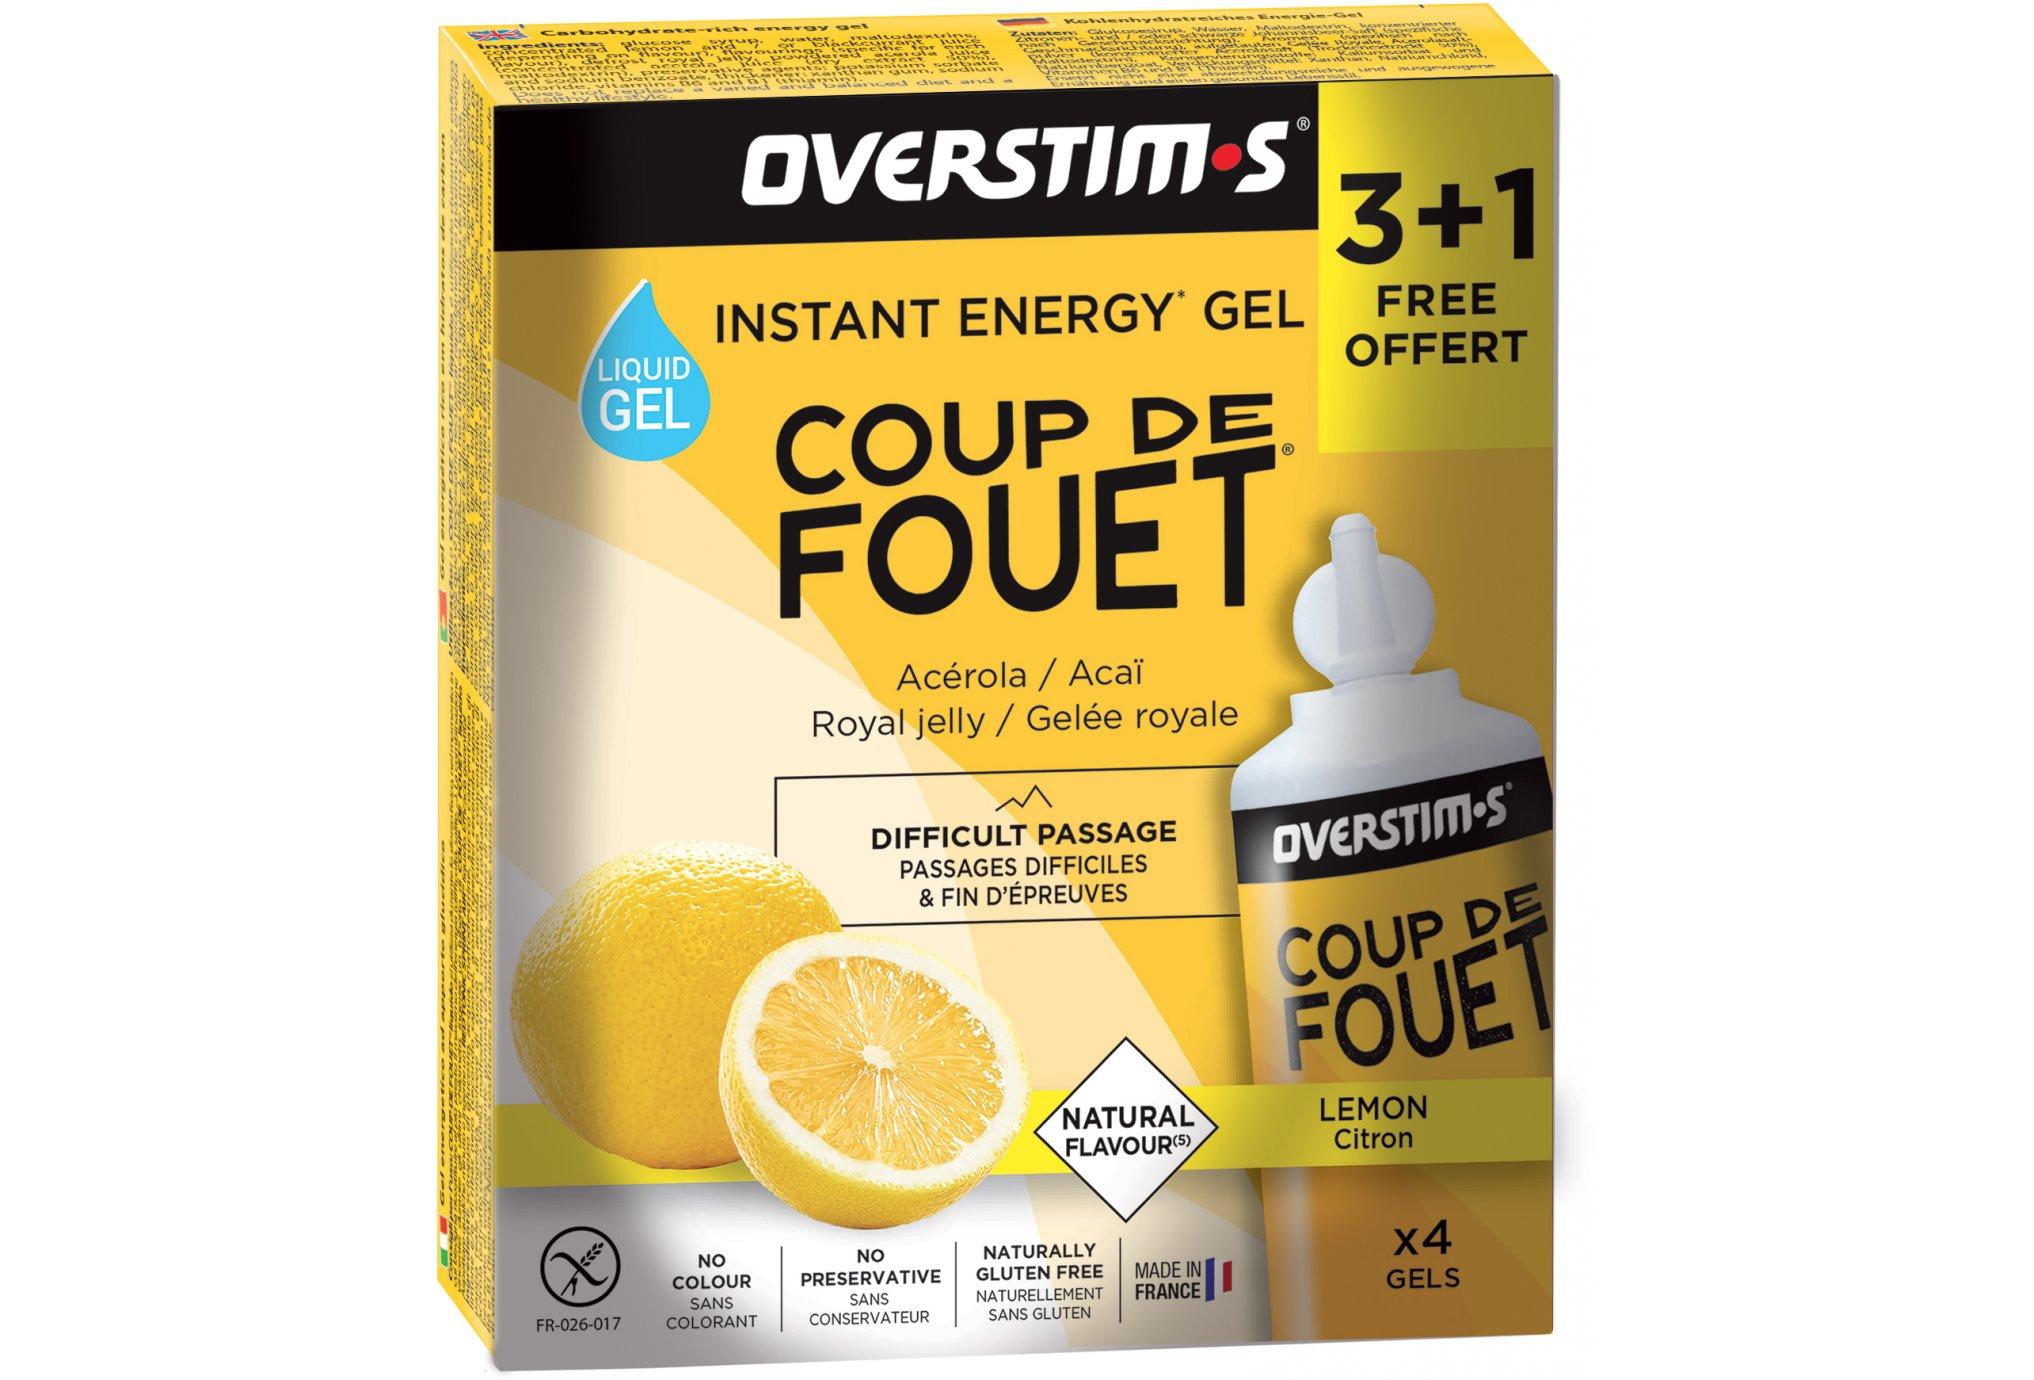 OVERSTIMS Étui Gels Energie Instantanée Coup de Fouet 3+1 - Citron Diététique Gels